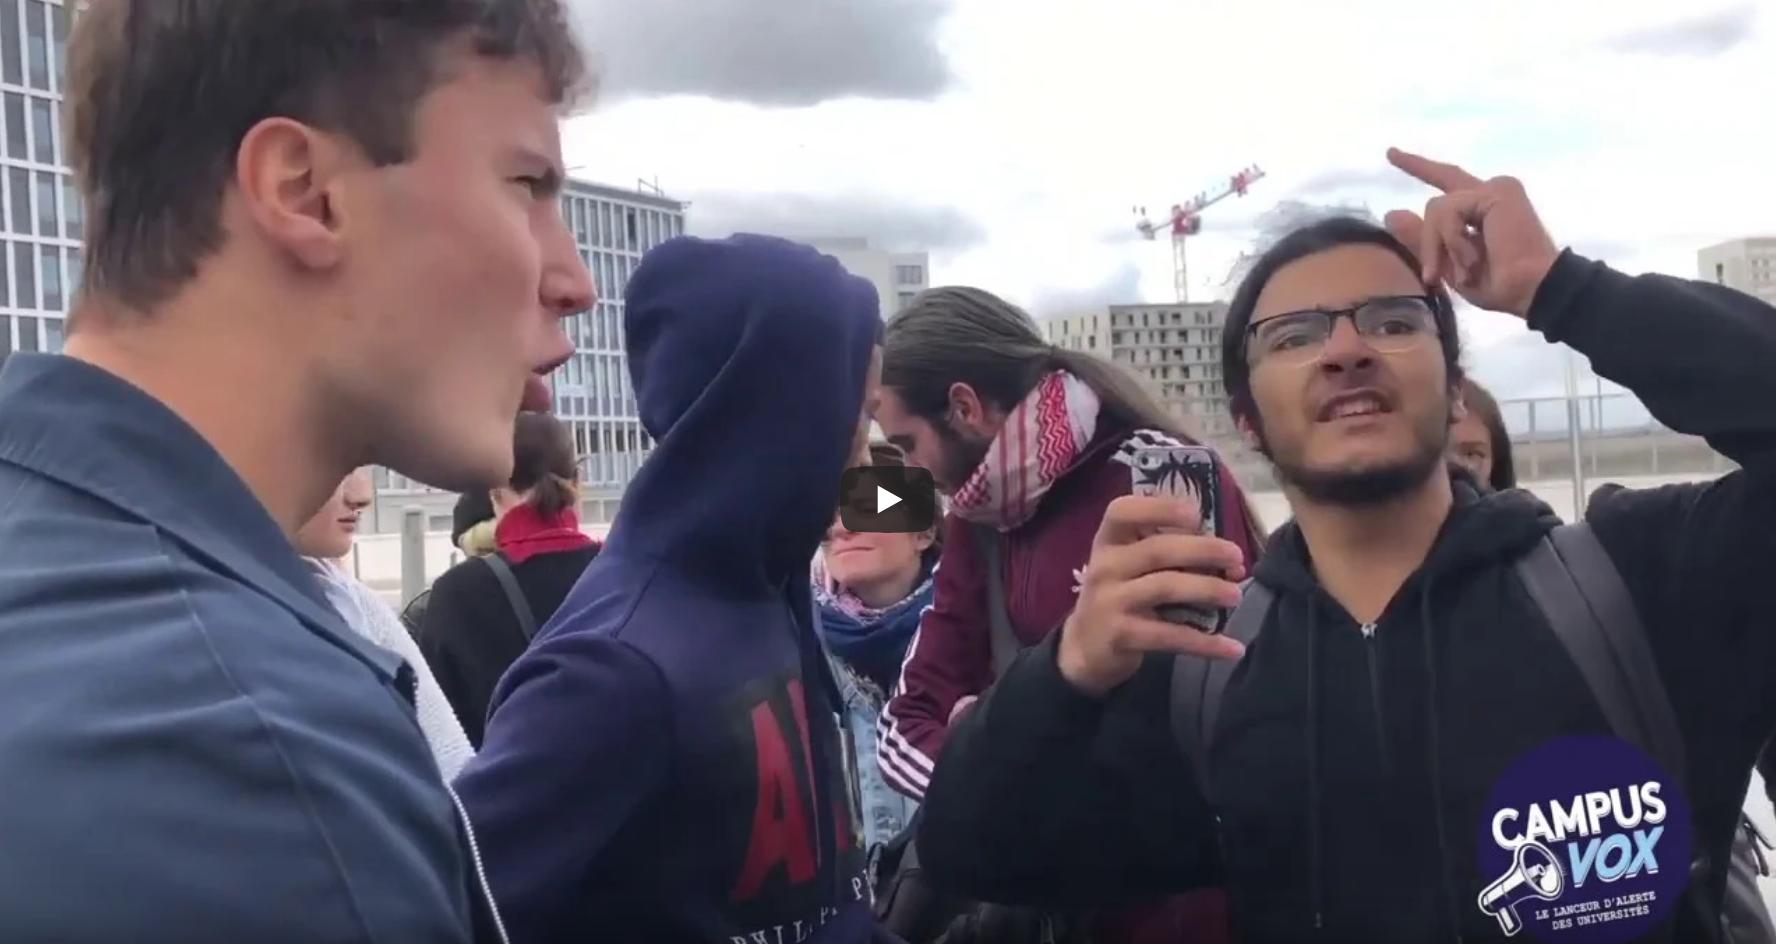 NPA Nanterre : idiot utile ou rempart contre la haine ? Débat entre un étudiant de la Cocarde et un militant d'extrême gauche (VIDÉO)